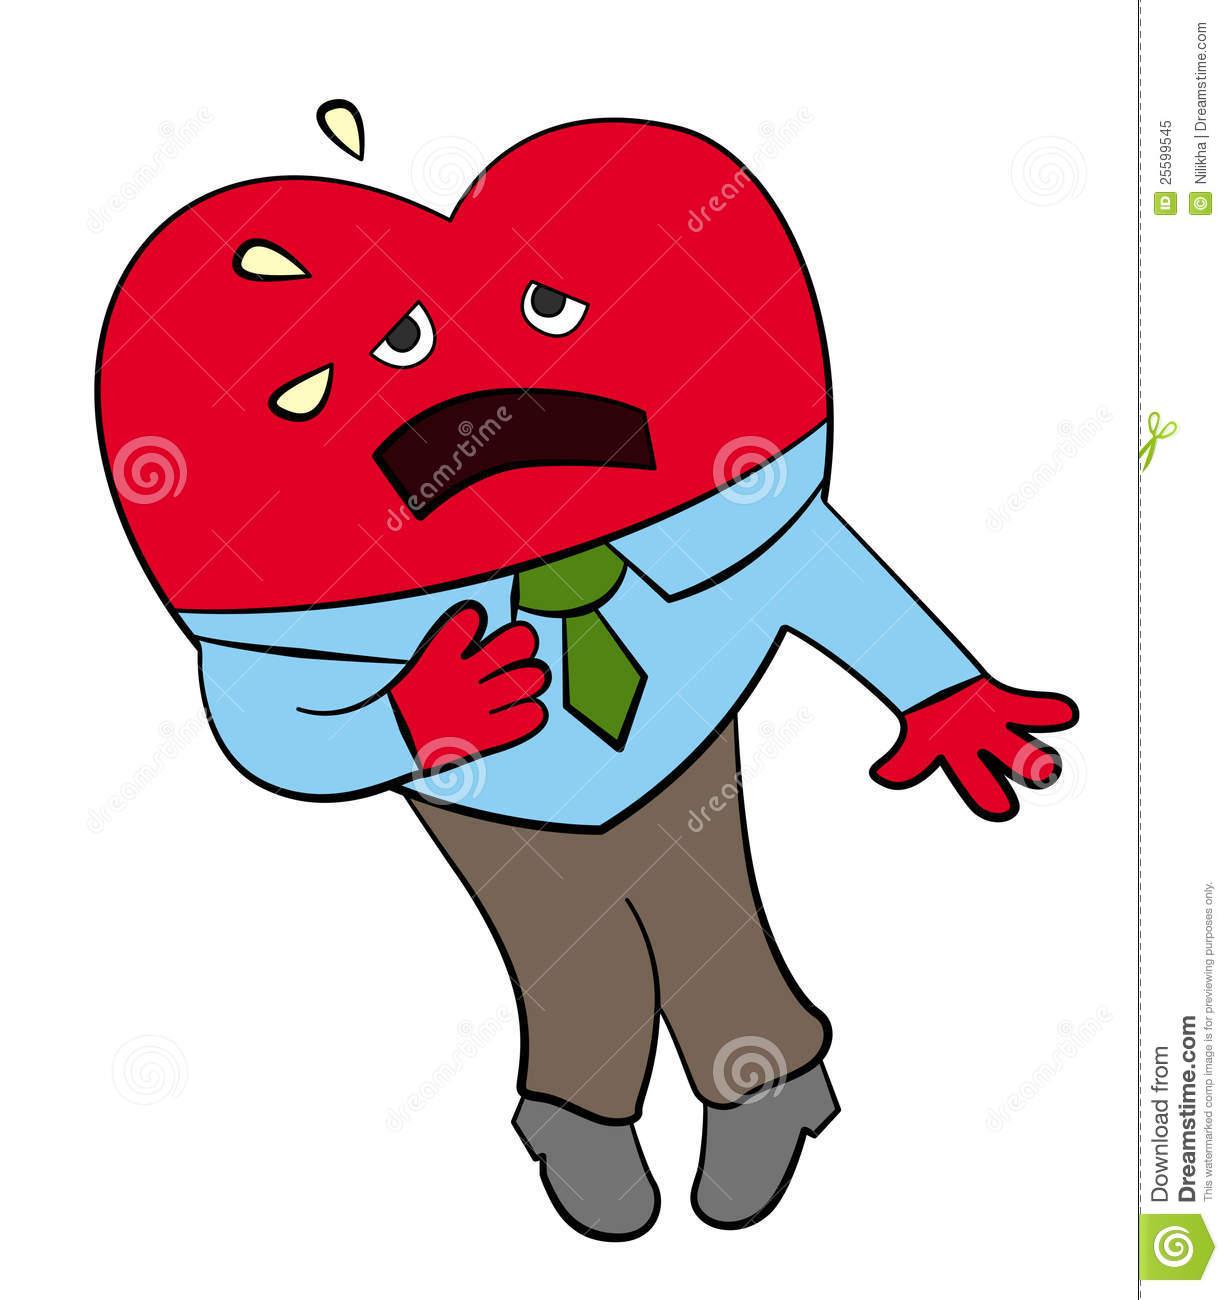 Cartoon Heart Dressed Like A Business Ma-Cartoon Heart Dressed Like A Business Man Having A Heart Attack-1